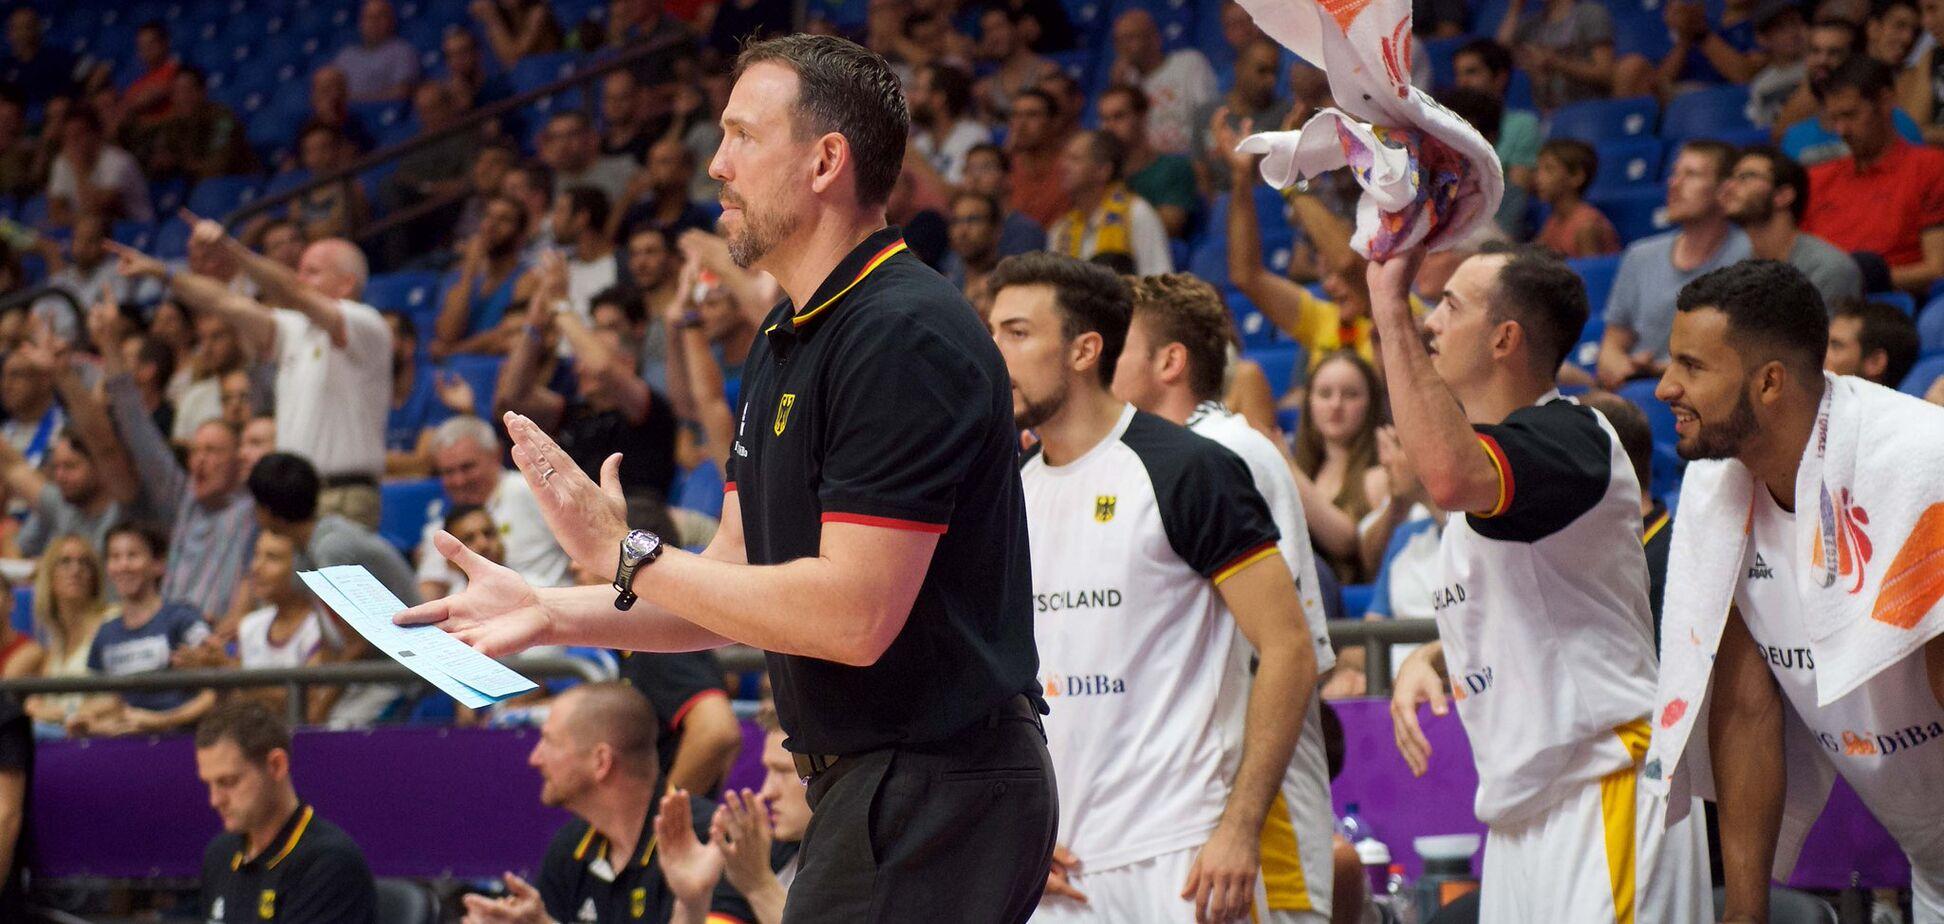 'Отличная работа!' Тренер Германии рассказал, в чем проиграл Украине на Евробаскете-2017